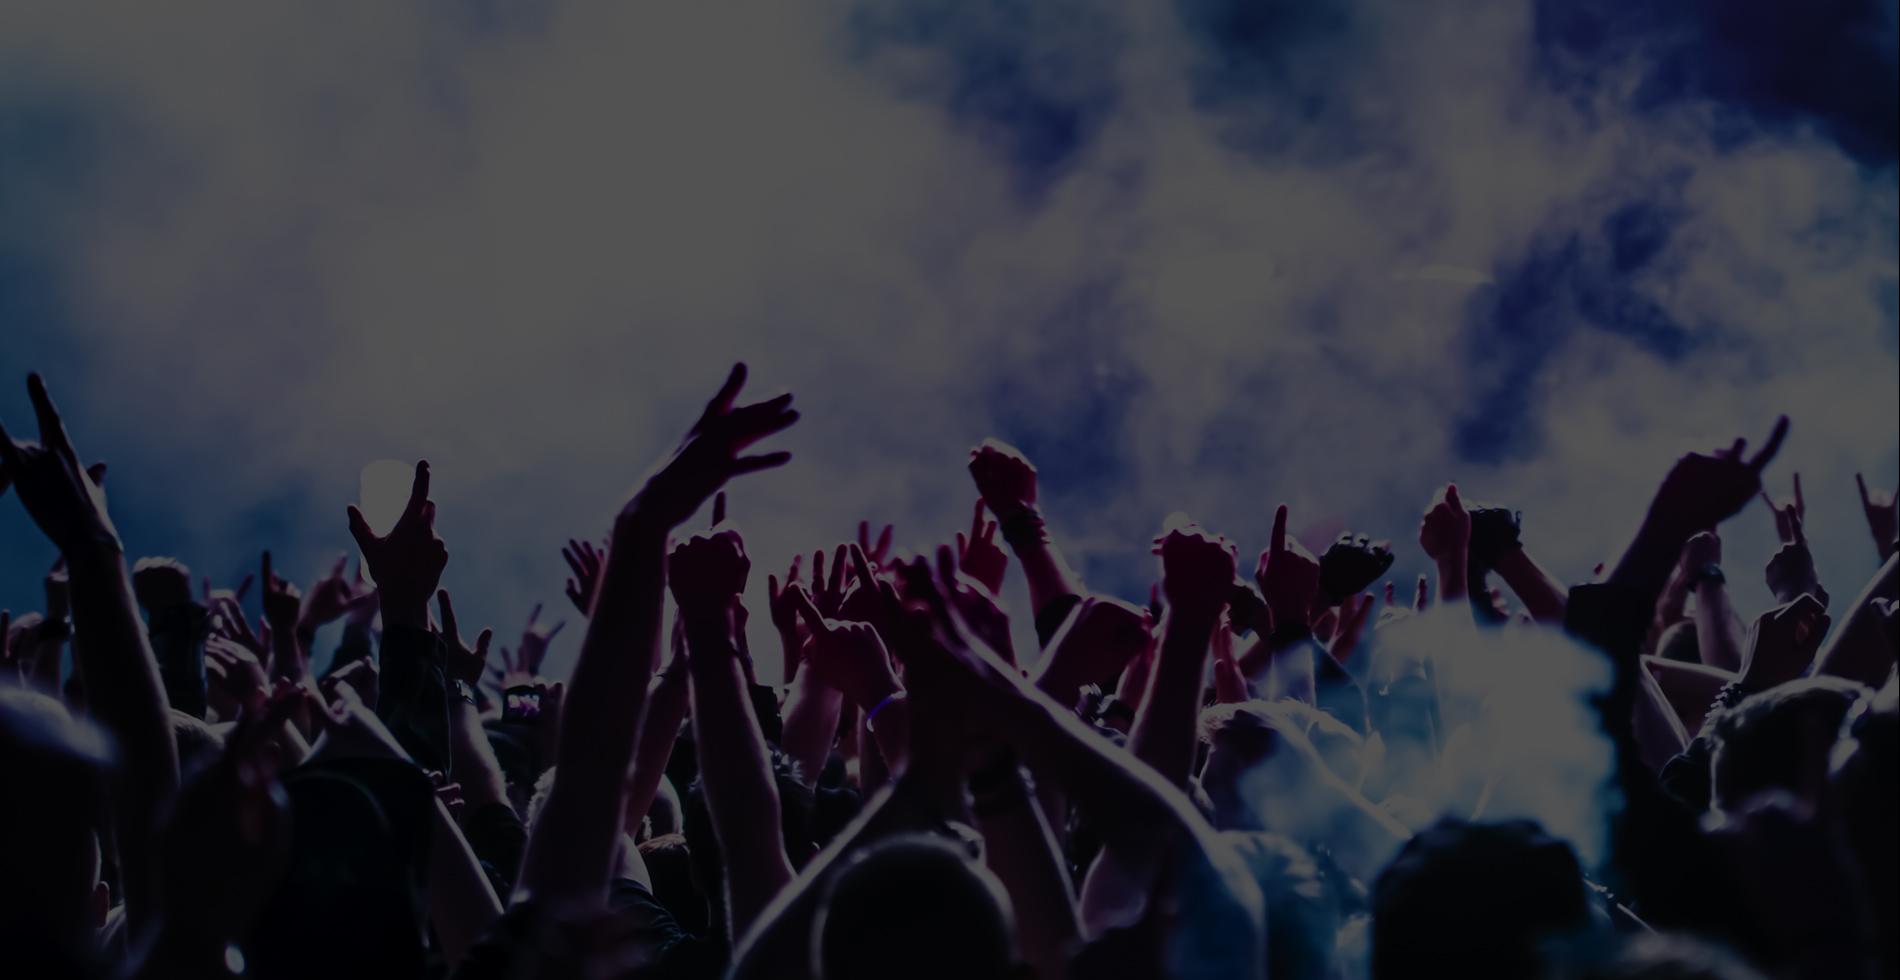 Âm nhạc có tác động ra sao đối với cuộc sống của chúng ta (2)